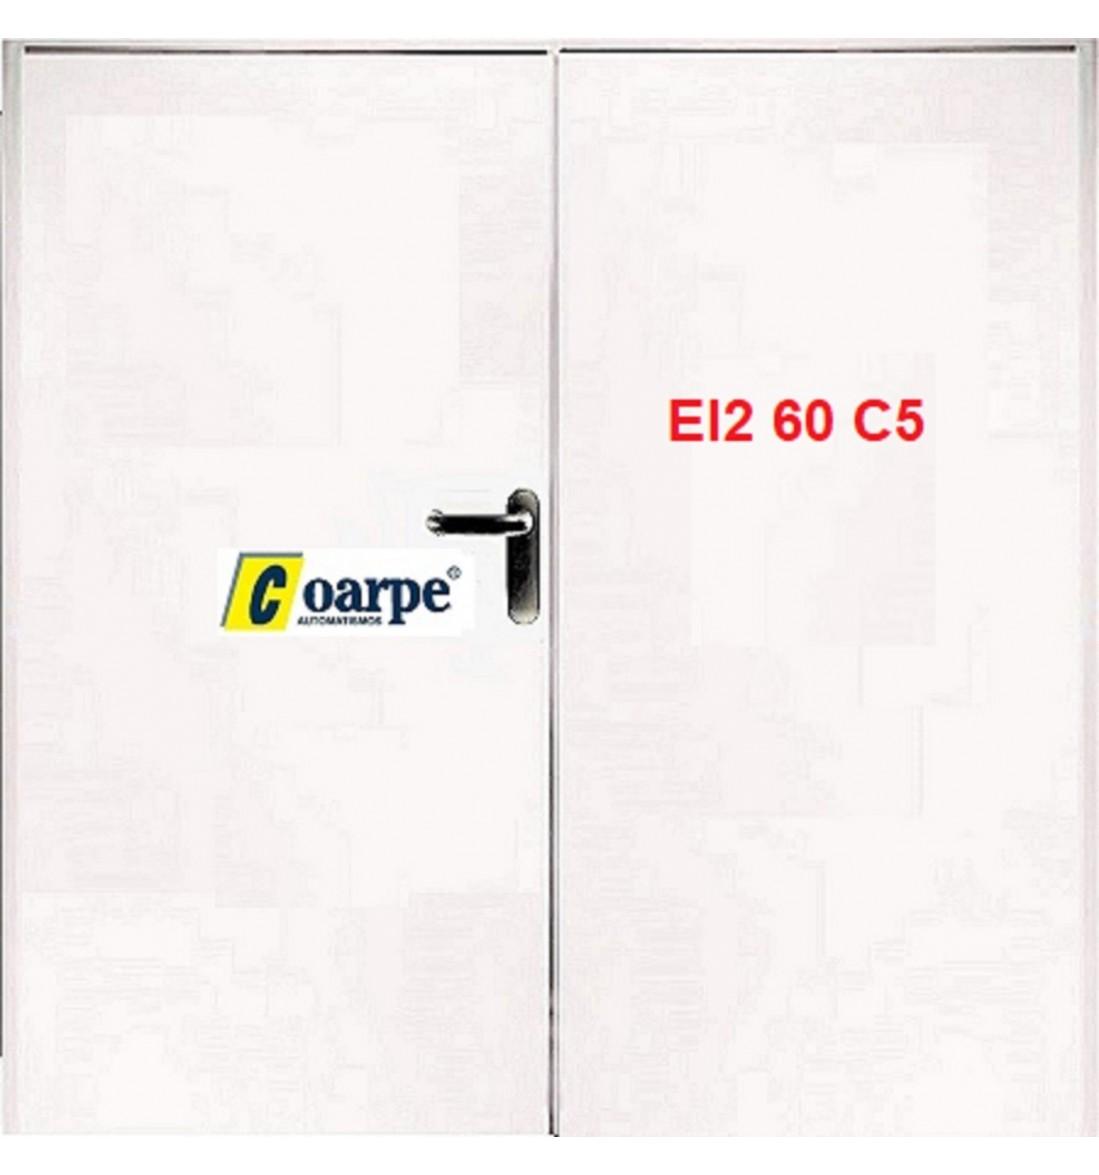 Puerta Cortafuegos Ei2 60 C5 D/h 1600*2070